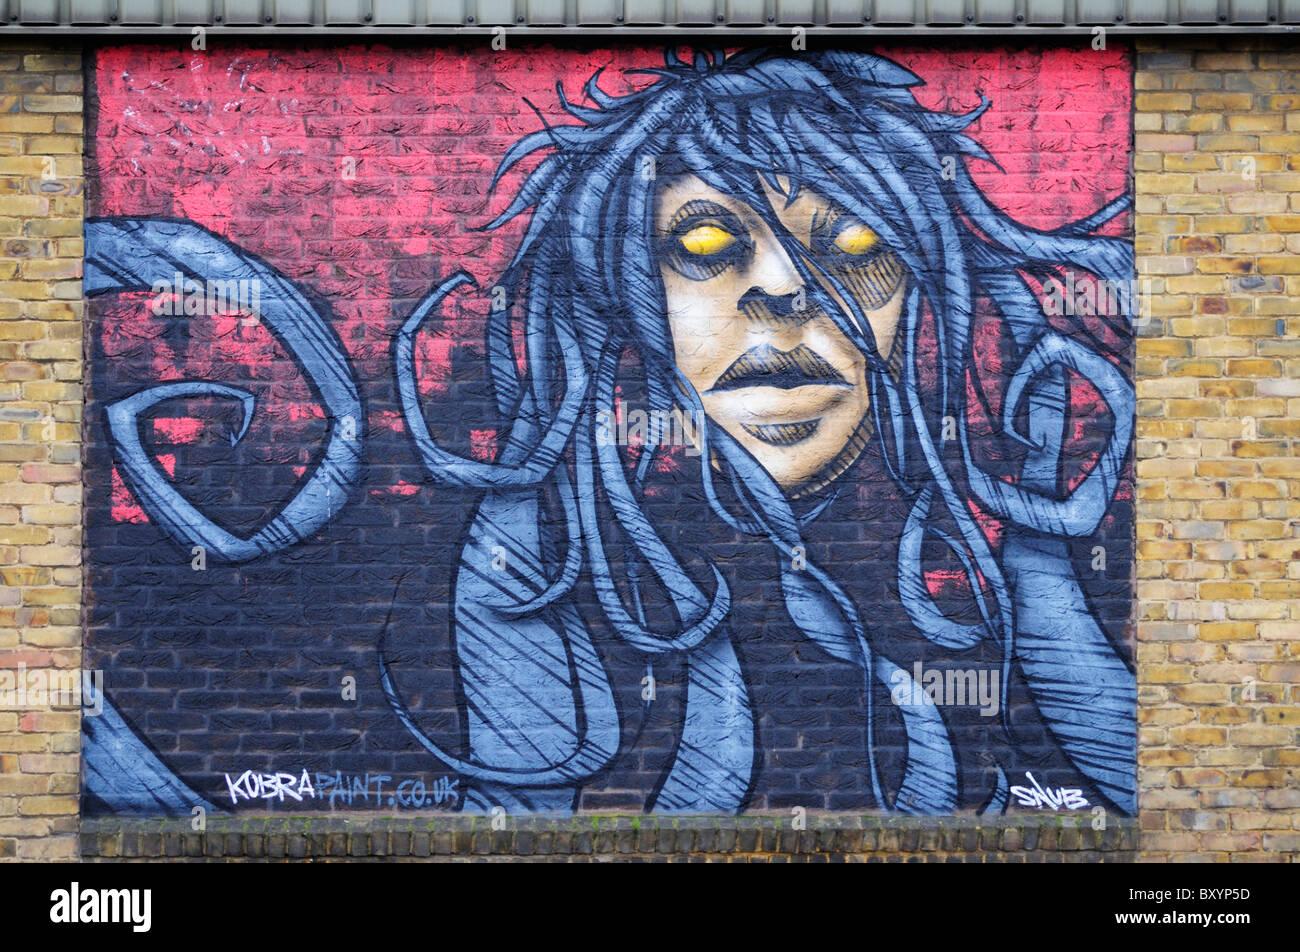 Graffiti wall cambridge - Graffiti Street Art Mural Newmarket Road Cambridge England Uk